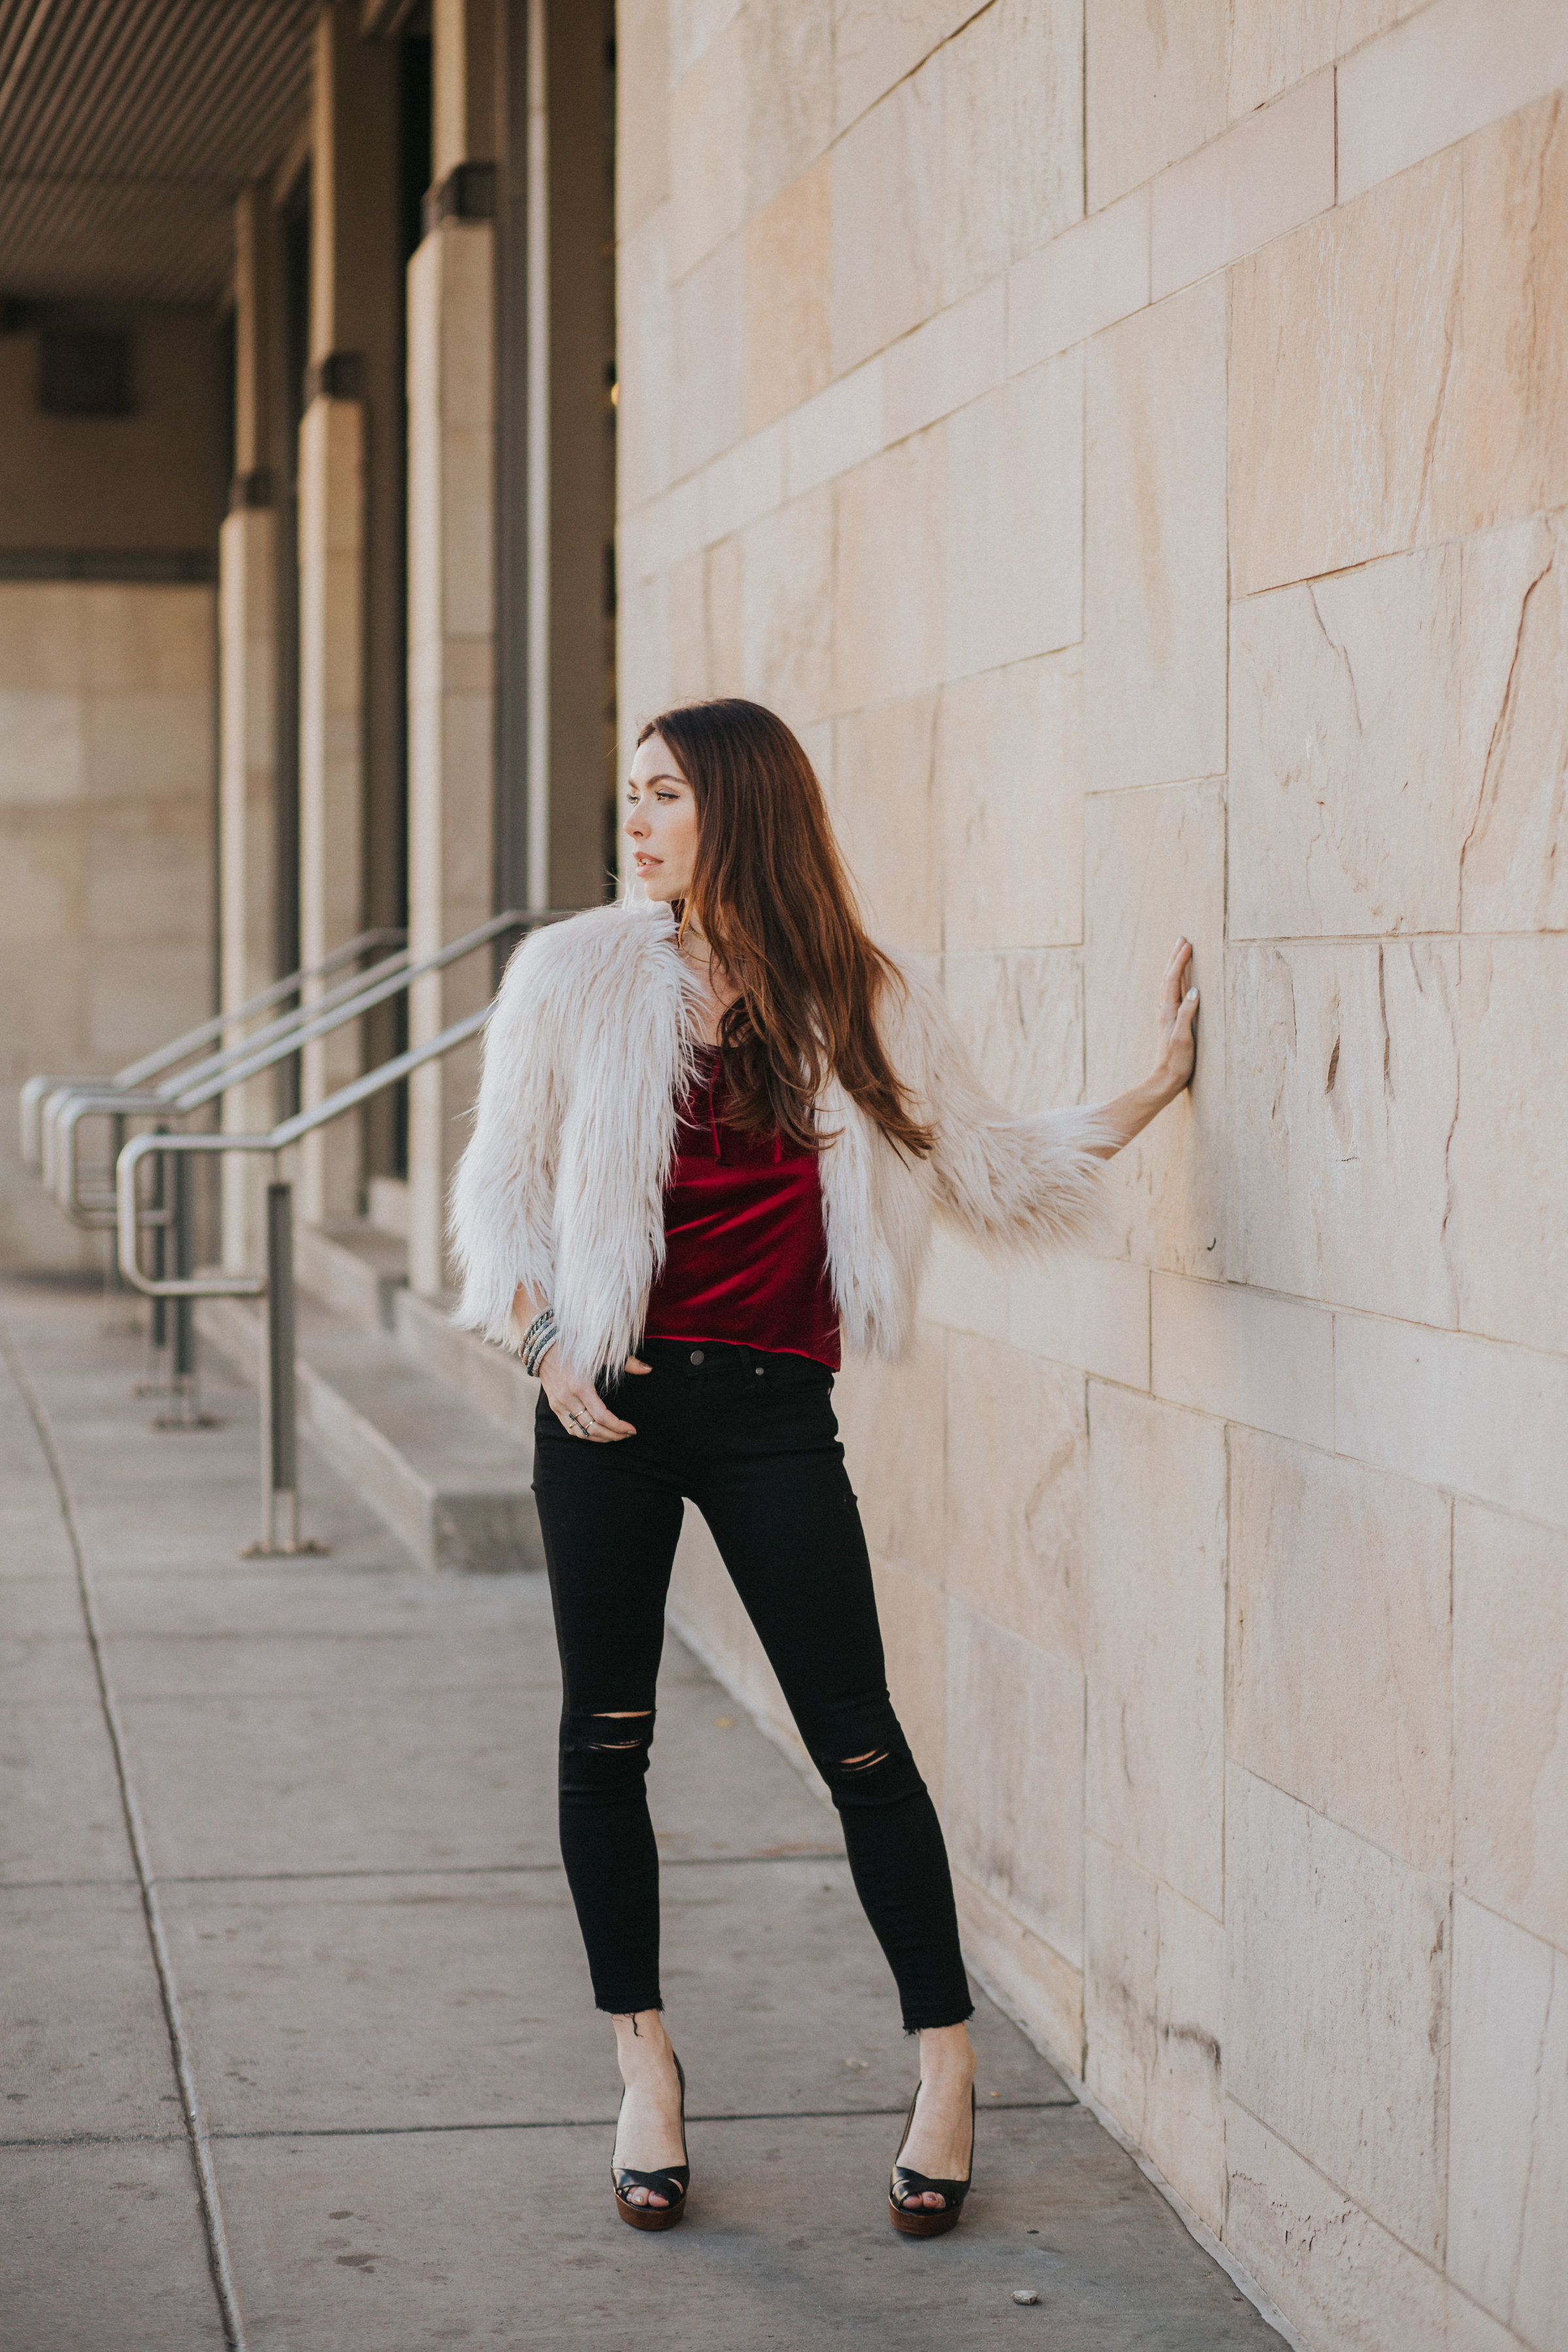 Zara faux fur coat, Paige jeans, Christian Louboutin heels